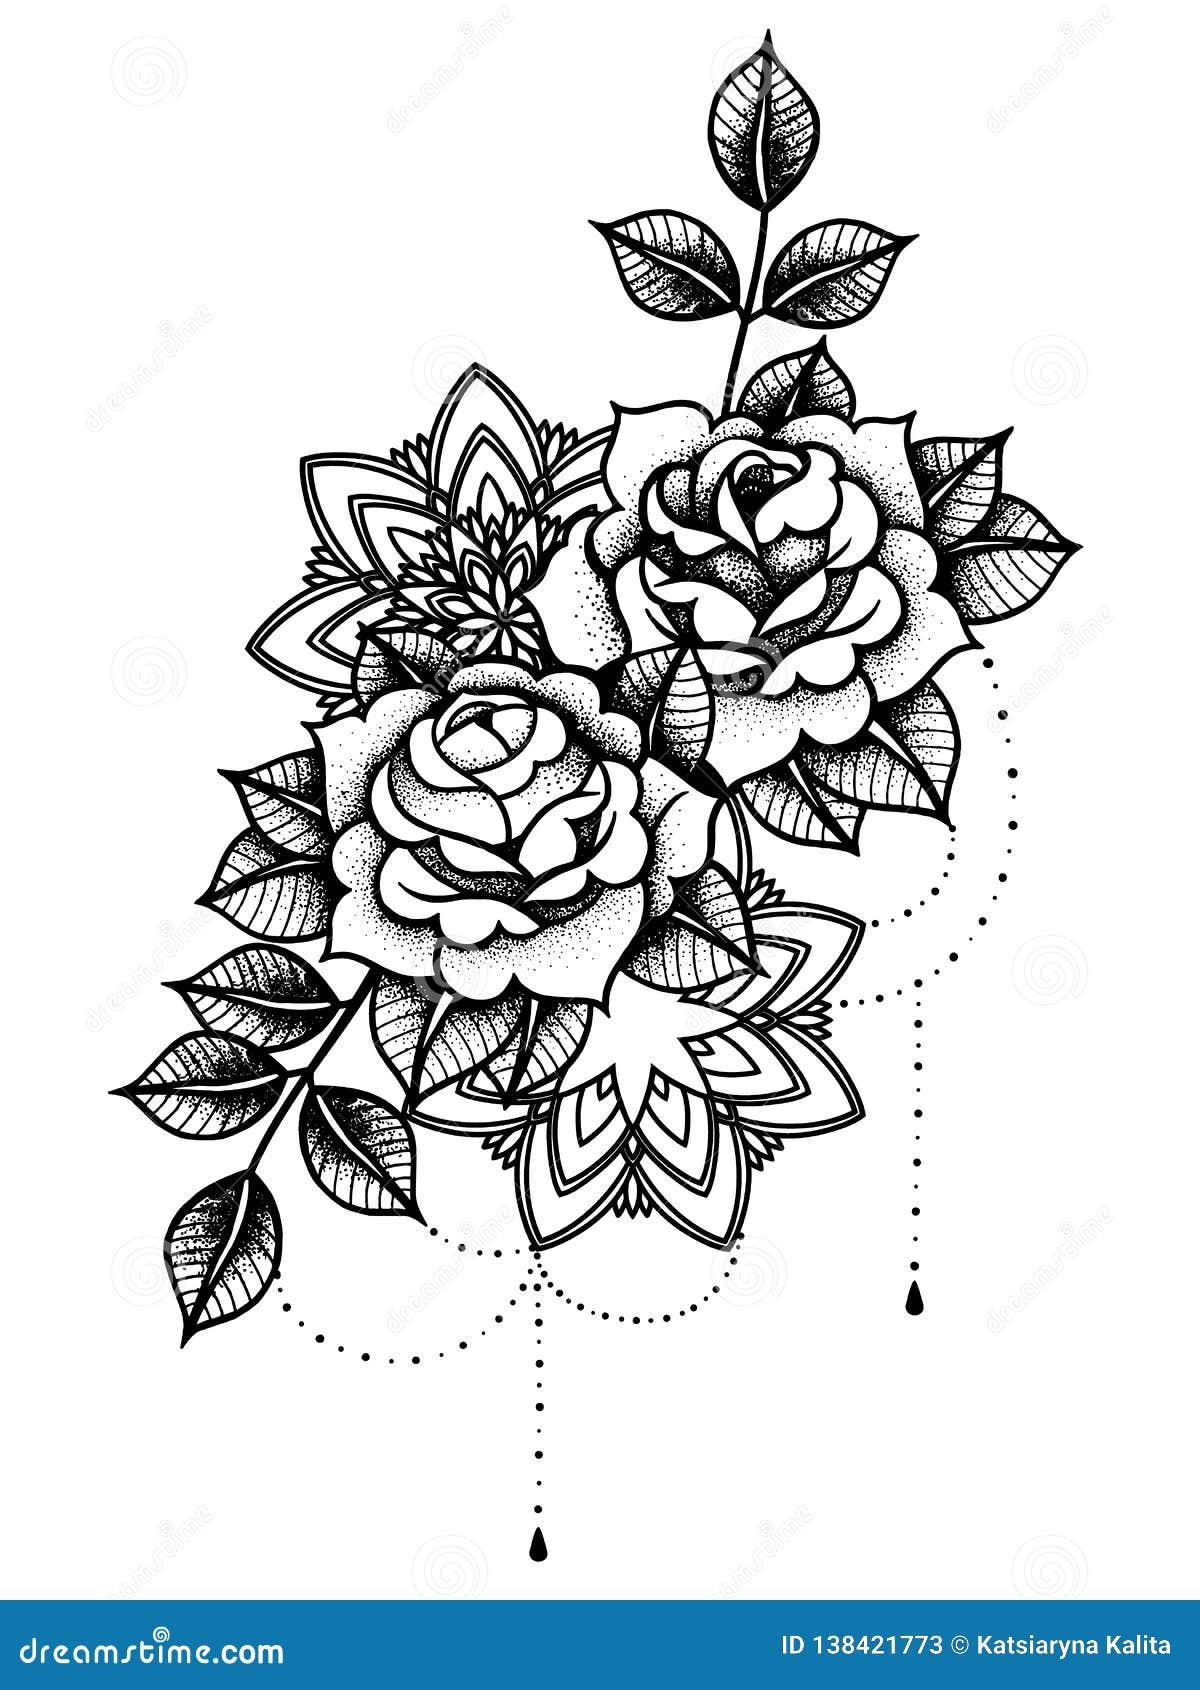 rose tattoo mystisches symbol blume mit schnur von perlen